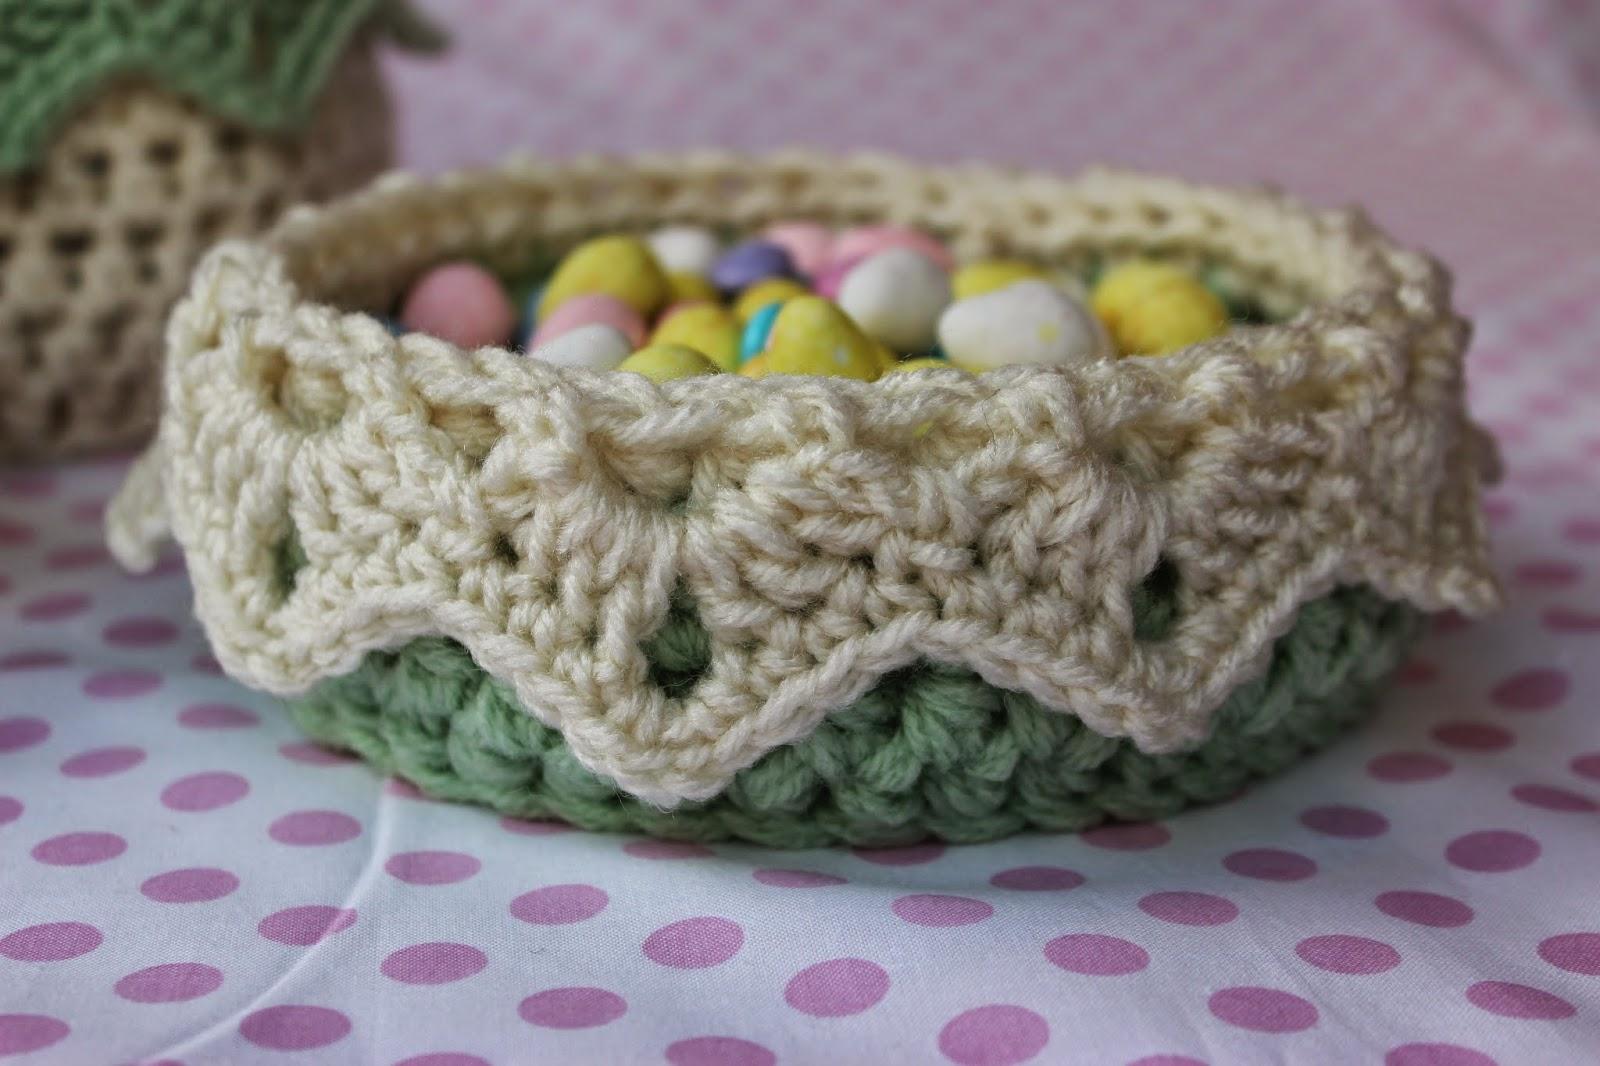 Free Crochet Flower Basket Pattern : Krissys wonders free crochet pattern for a flower basket